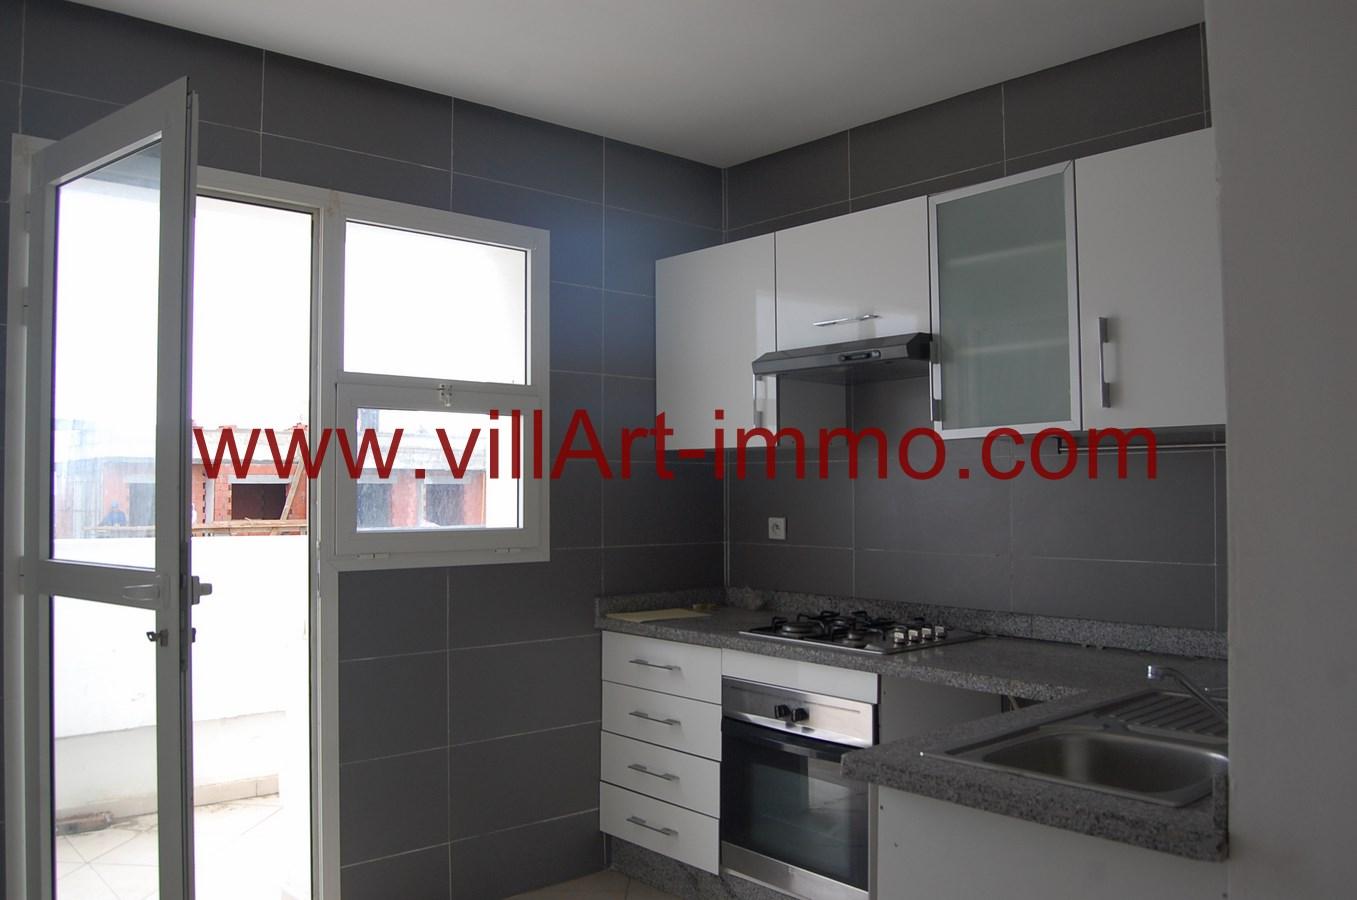 4-a-louer-appartement-non-meuble-tanger-cuisine-l889-villart-immo